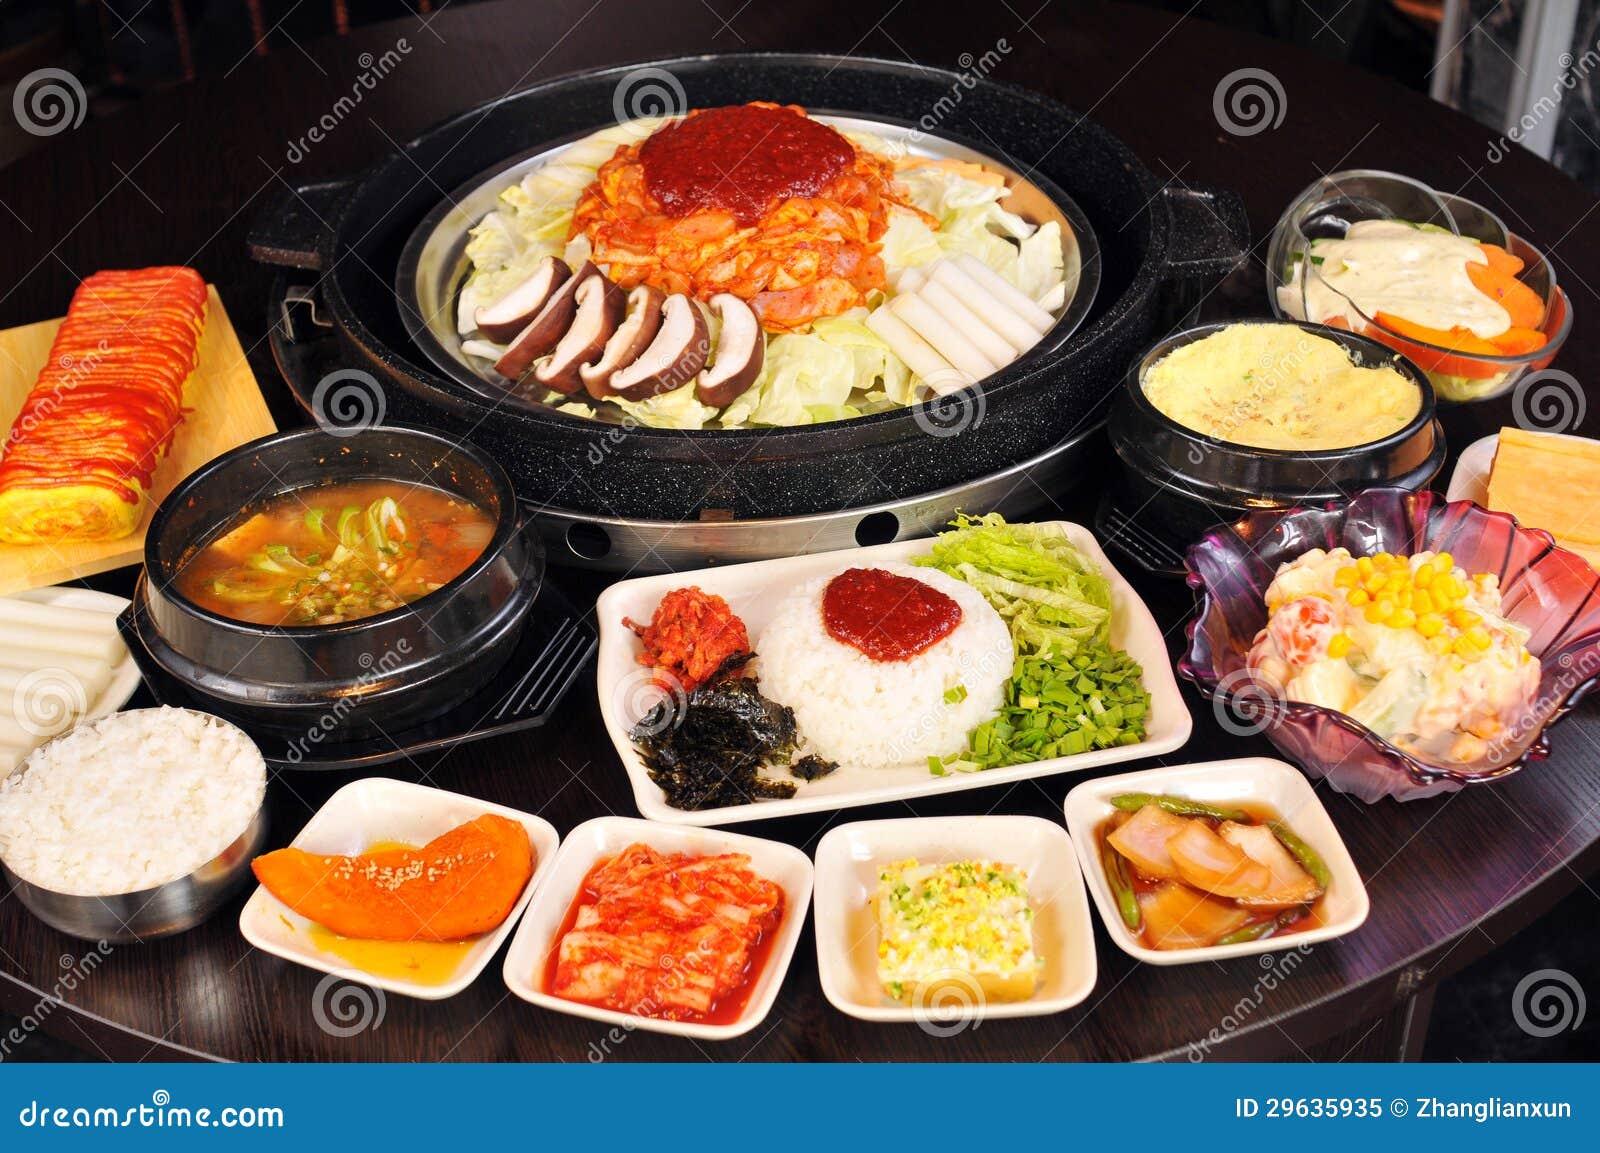 Cuisine cor enne photo libre de droits image 29635935 for Cuisine coreenne